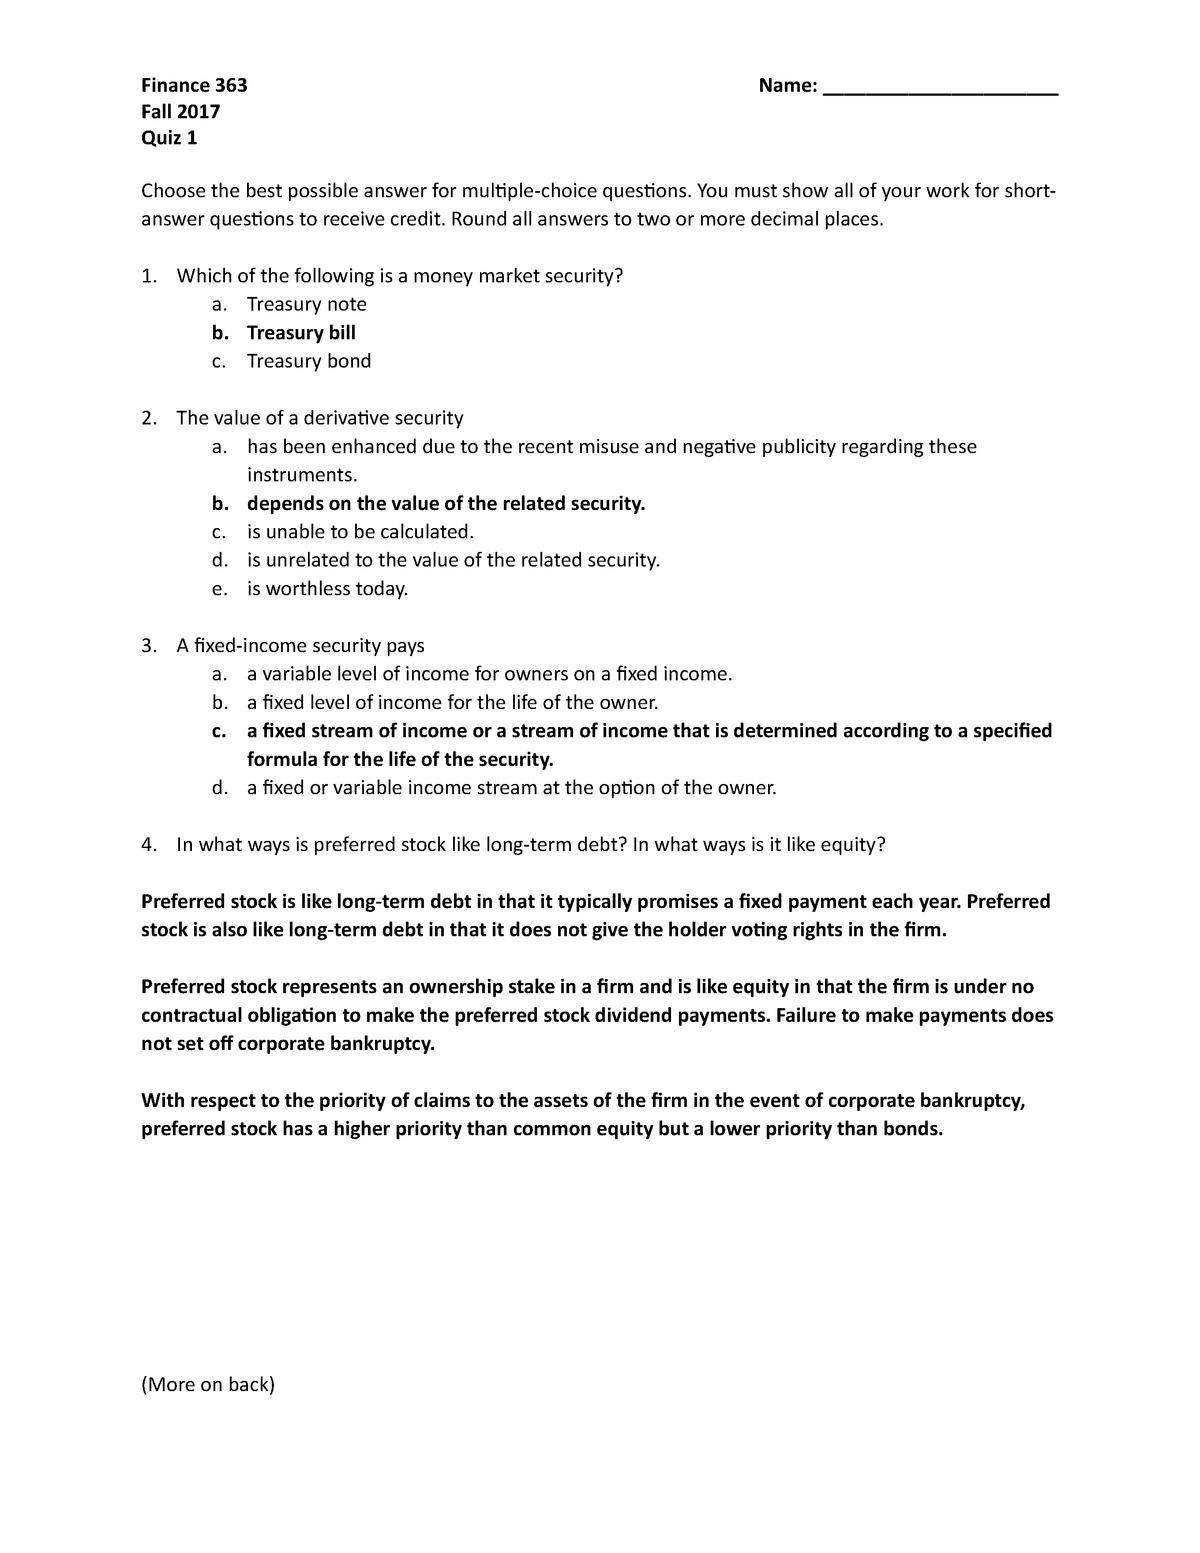 Quiz 1 key - Quiz - FINA 363 Investment Principles - StuDocu